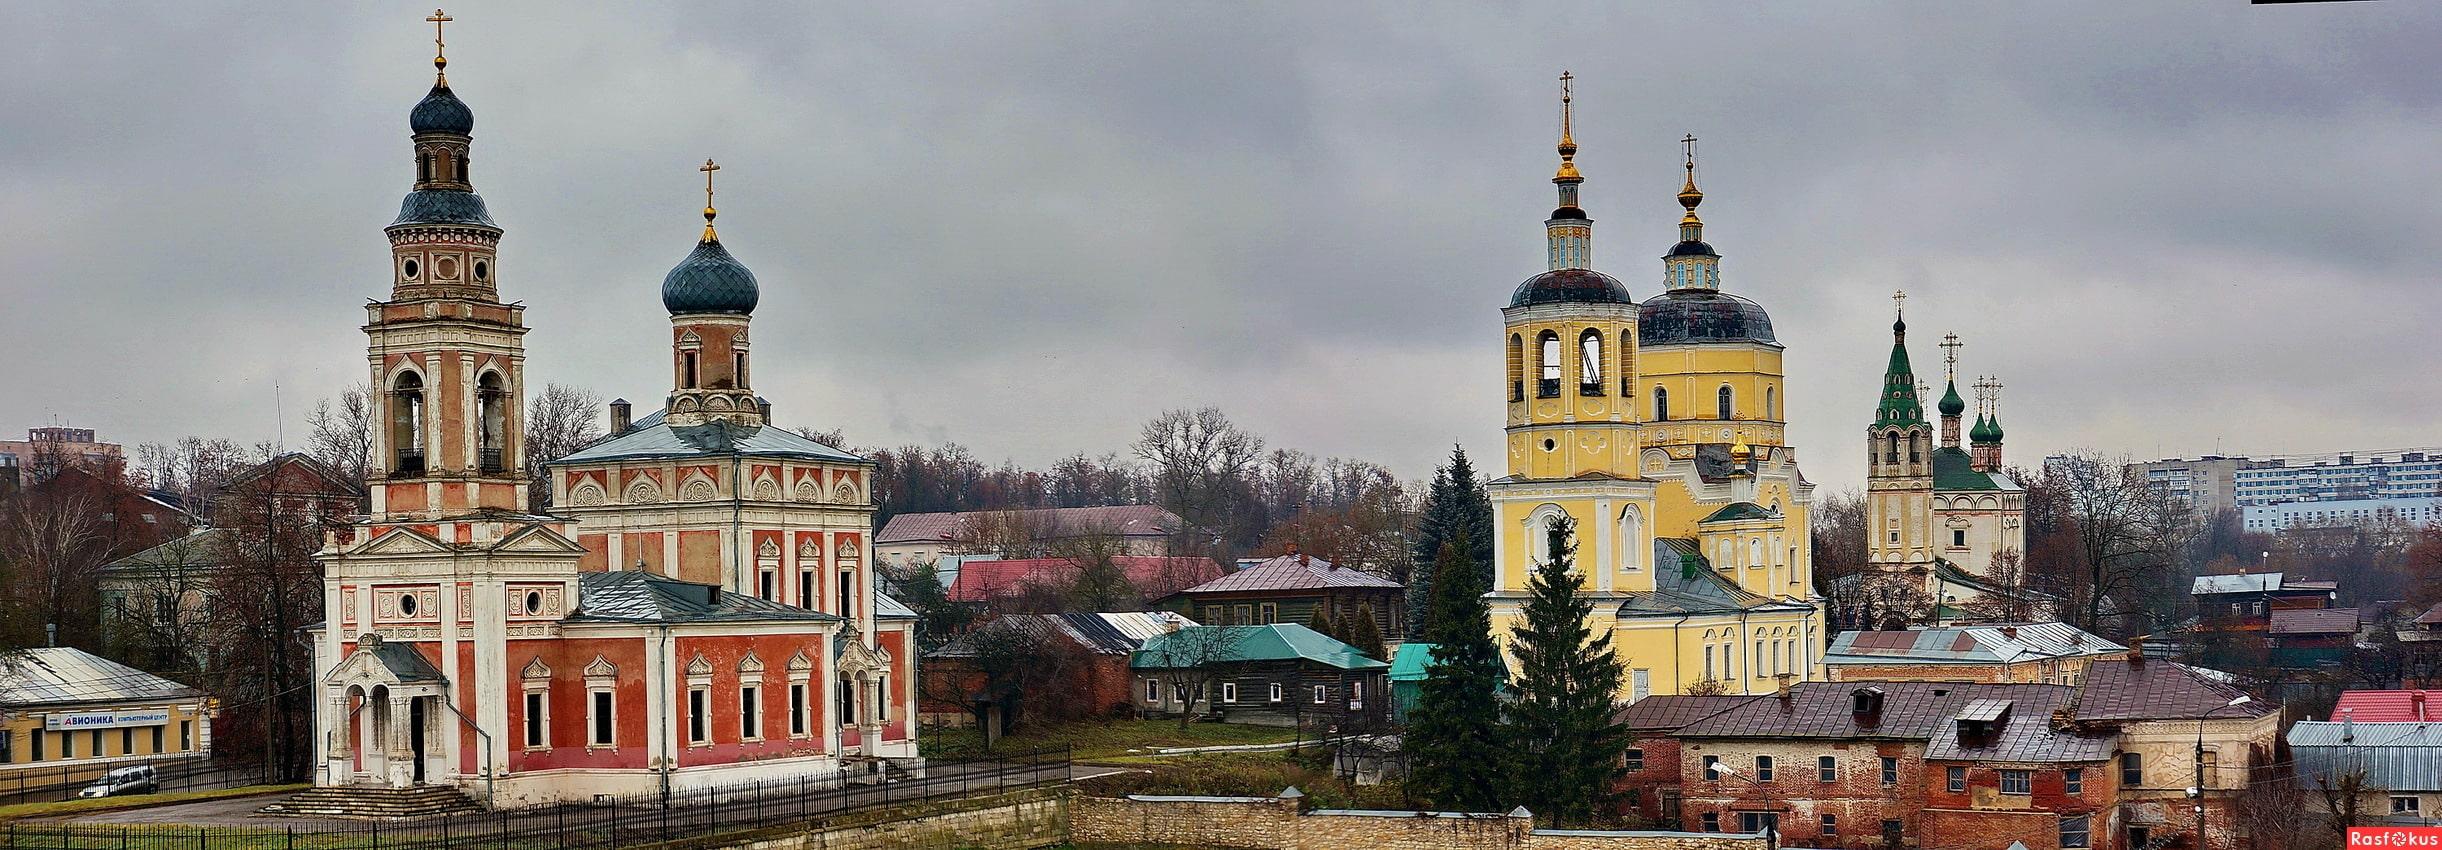 Серпухов.Кремль.